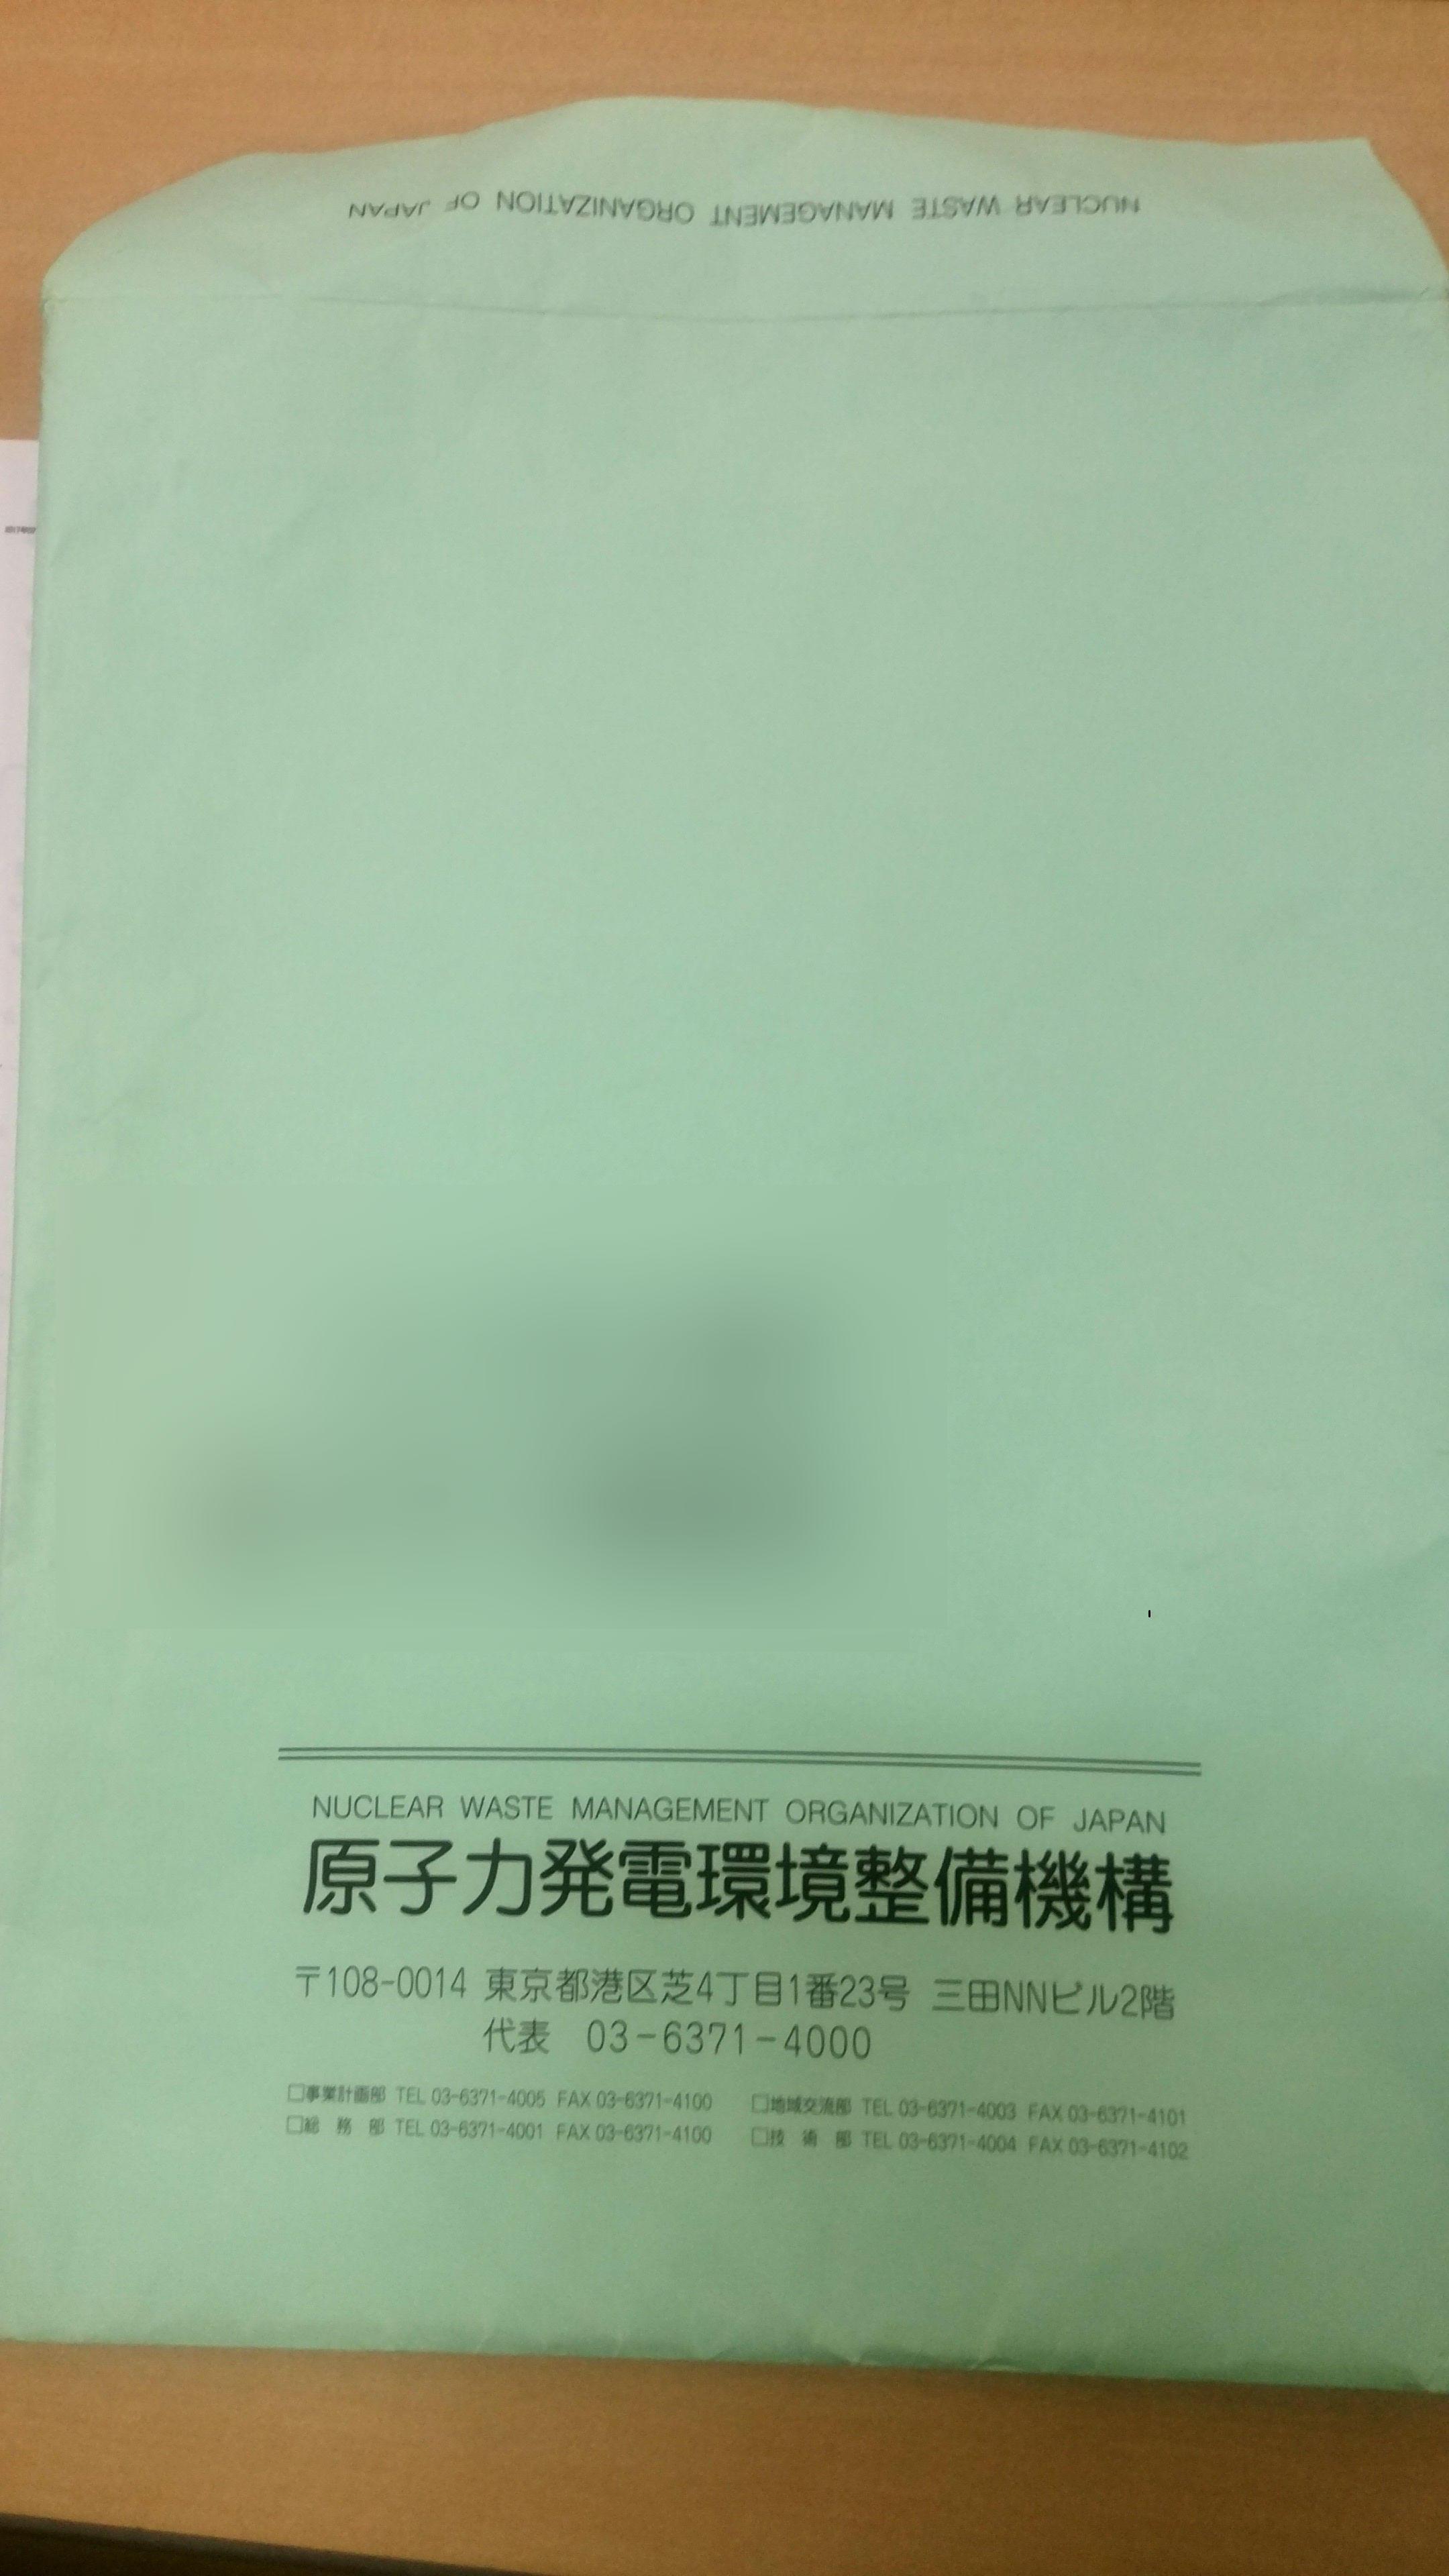 http://hunter-investigate.jp/news/000IMG_20180222_203519---2.jpg